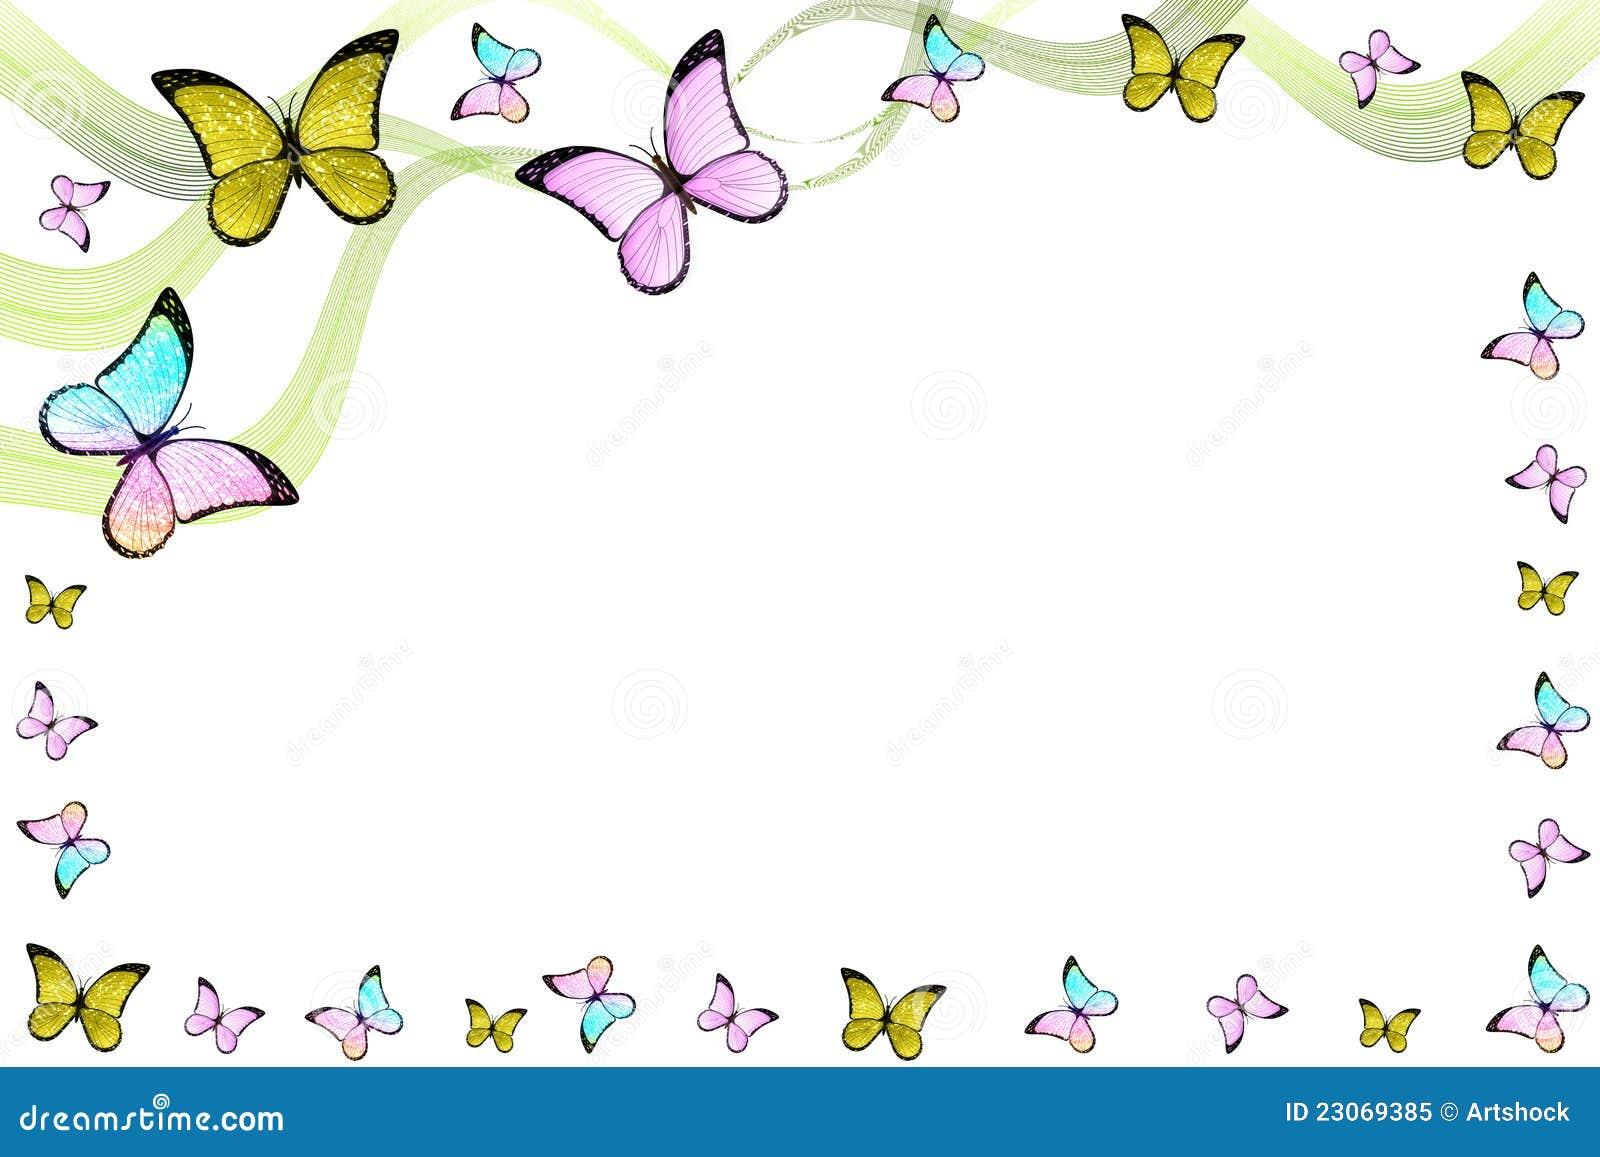 De Citas En Linea Mariposas El Mejor Sitio De Citas En Linea Para